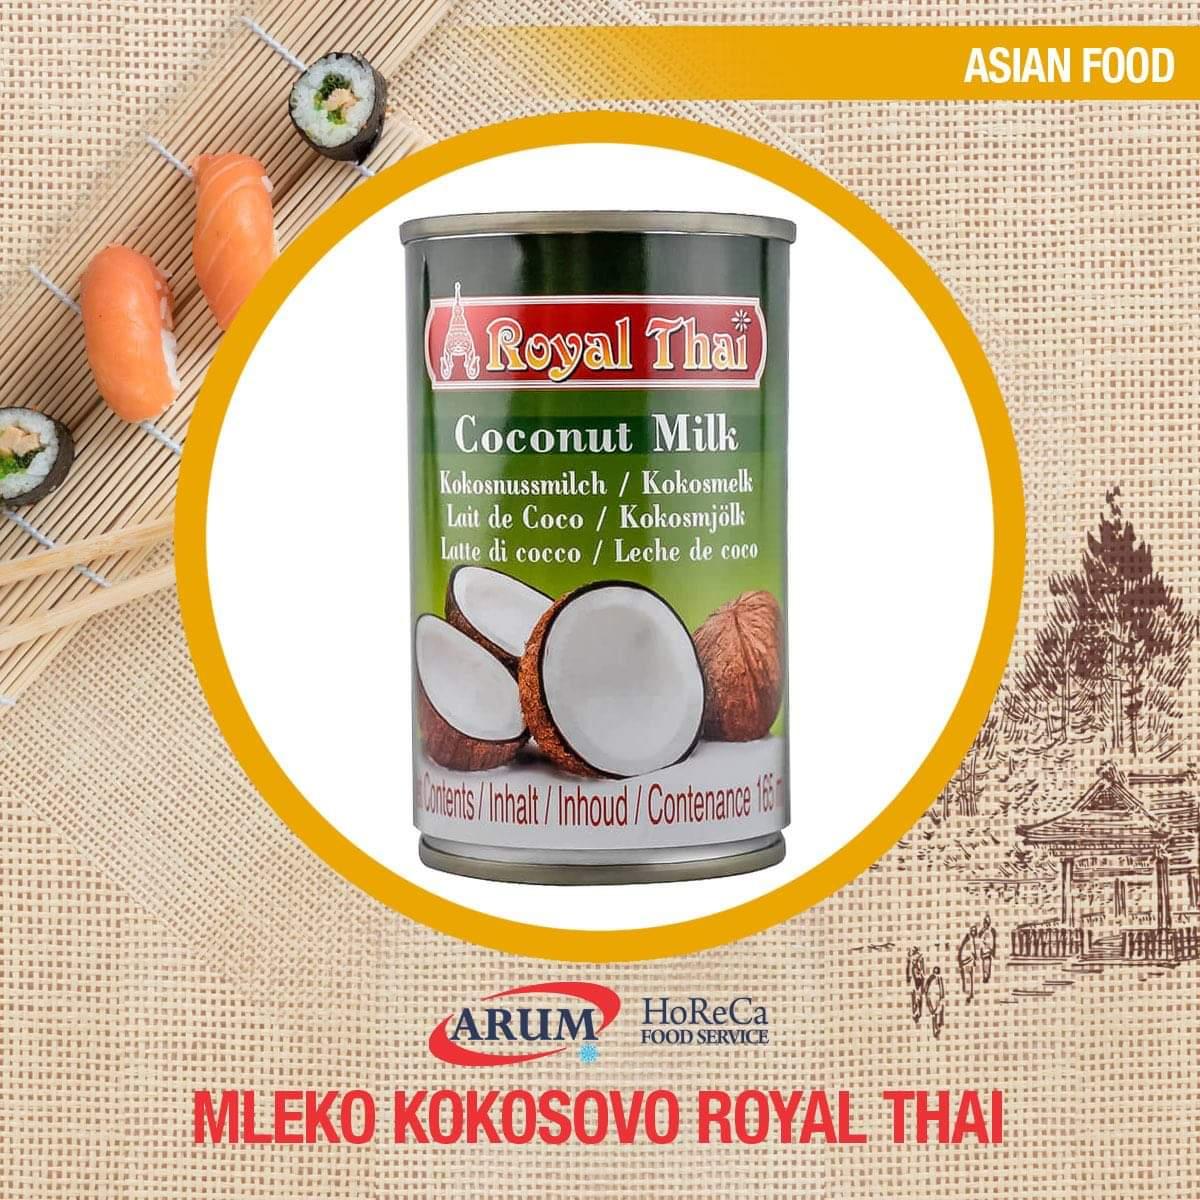 Mleko kokosovo 165ml royal thai